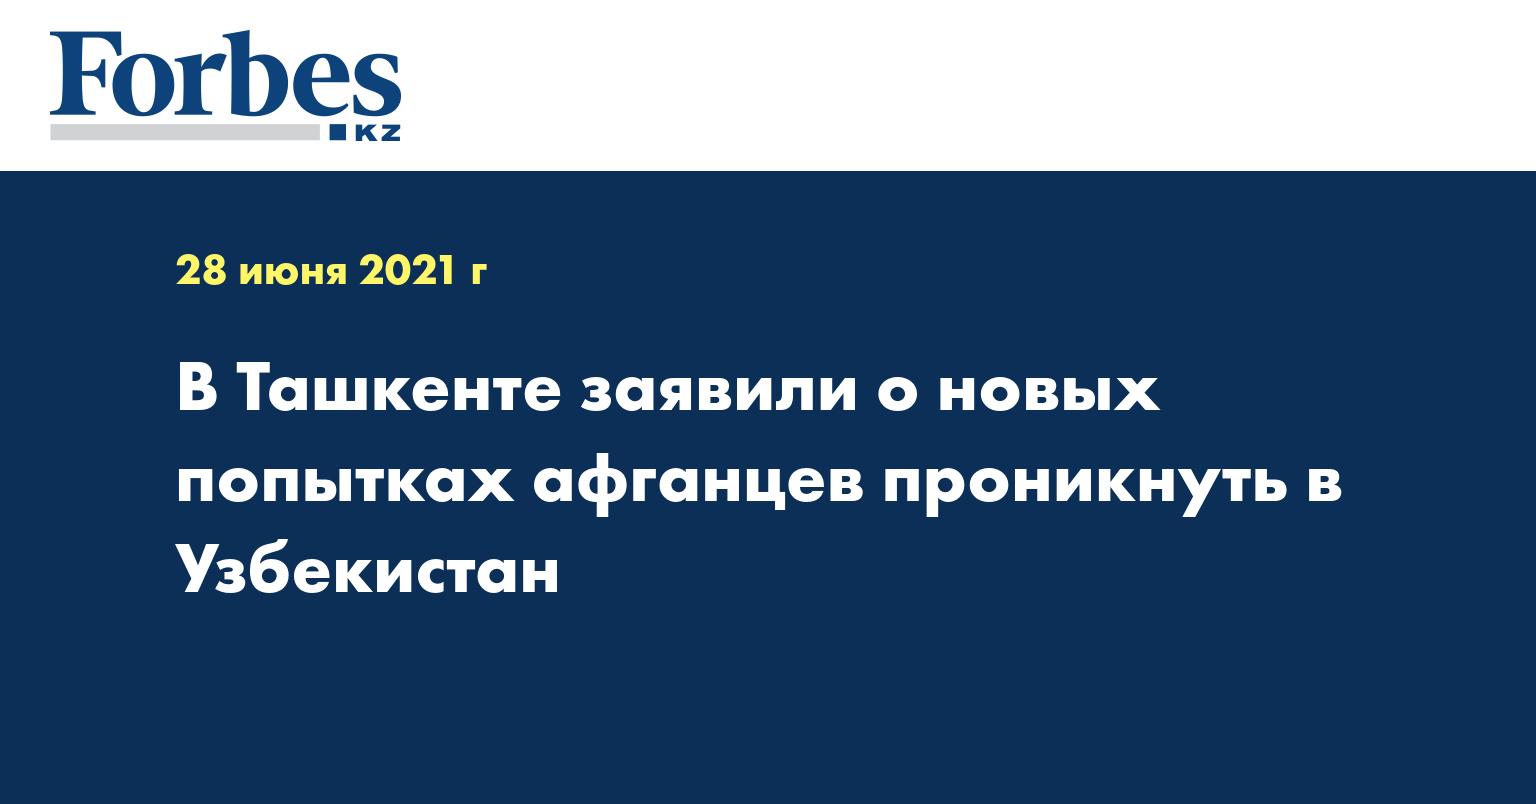 В Ташкенте заявили о новых попытках афганцев проникнуть в Узбекистан